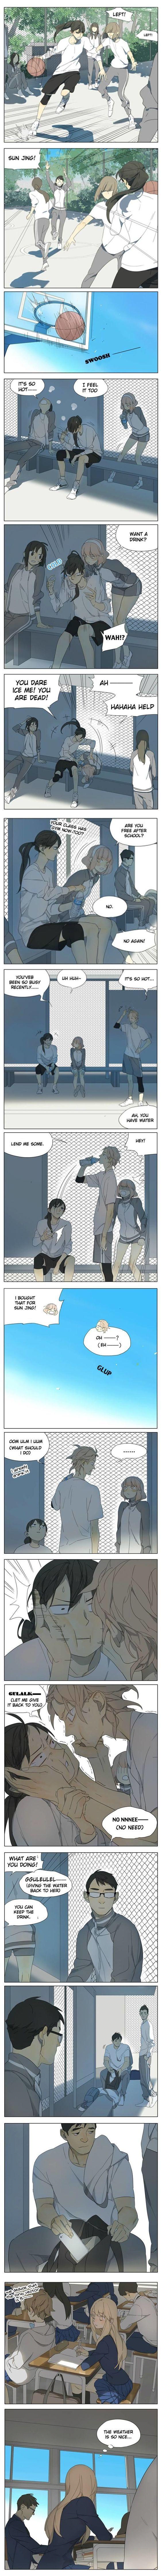 Tamen Di Gushi 96 http://mangafox.me/manga/tamen_de_gushi/c096/1.html